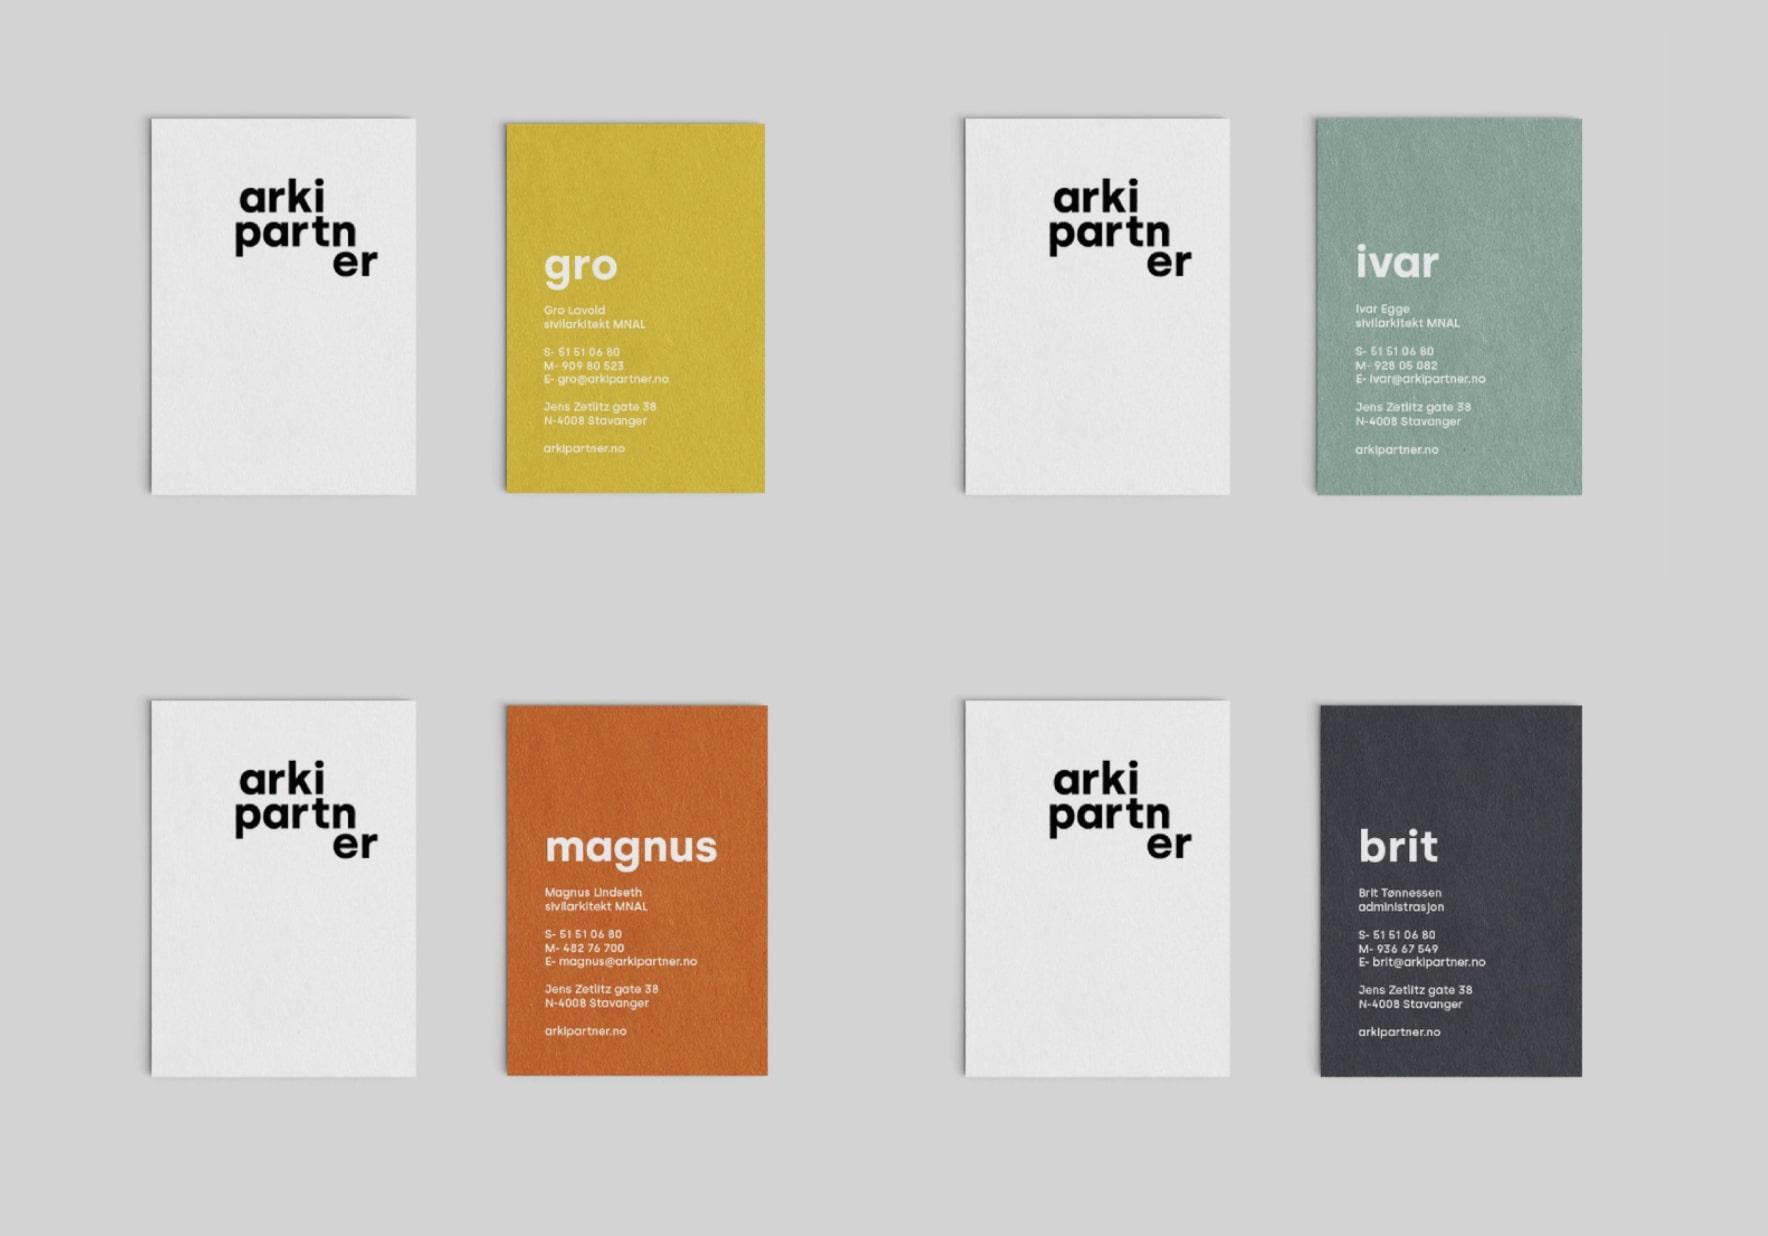 Arkipartner Visitkort Design